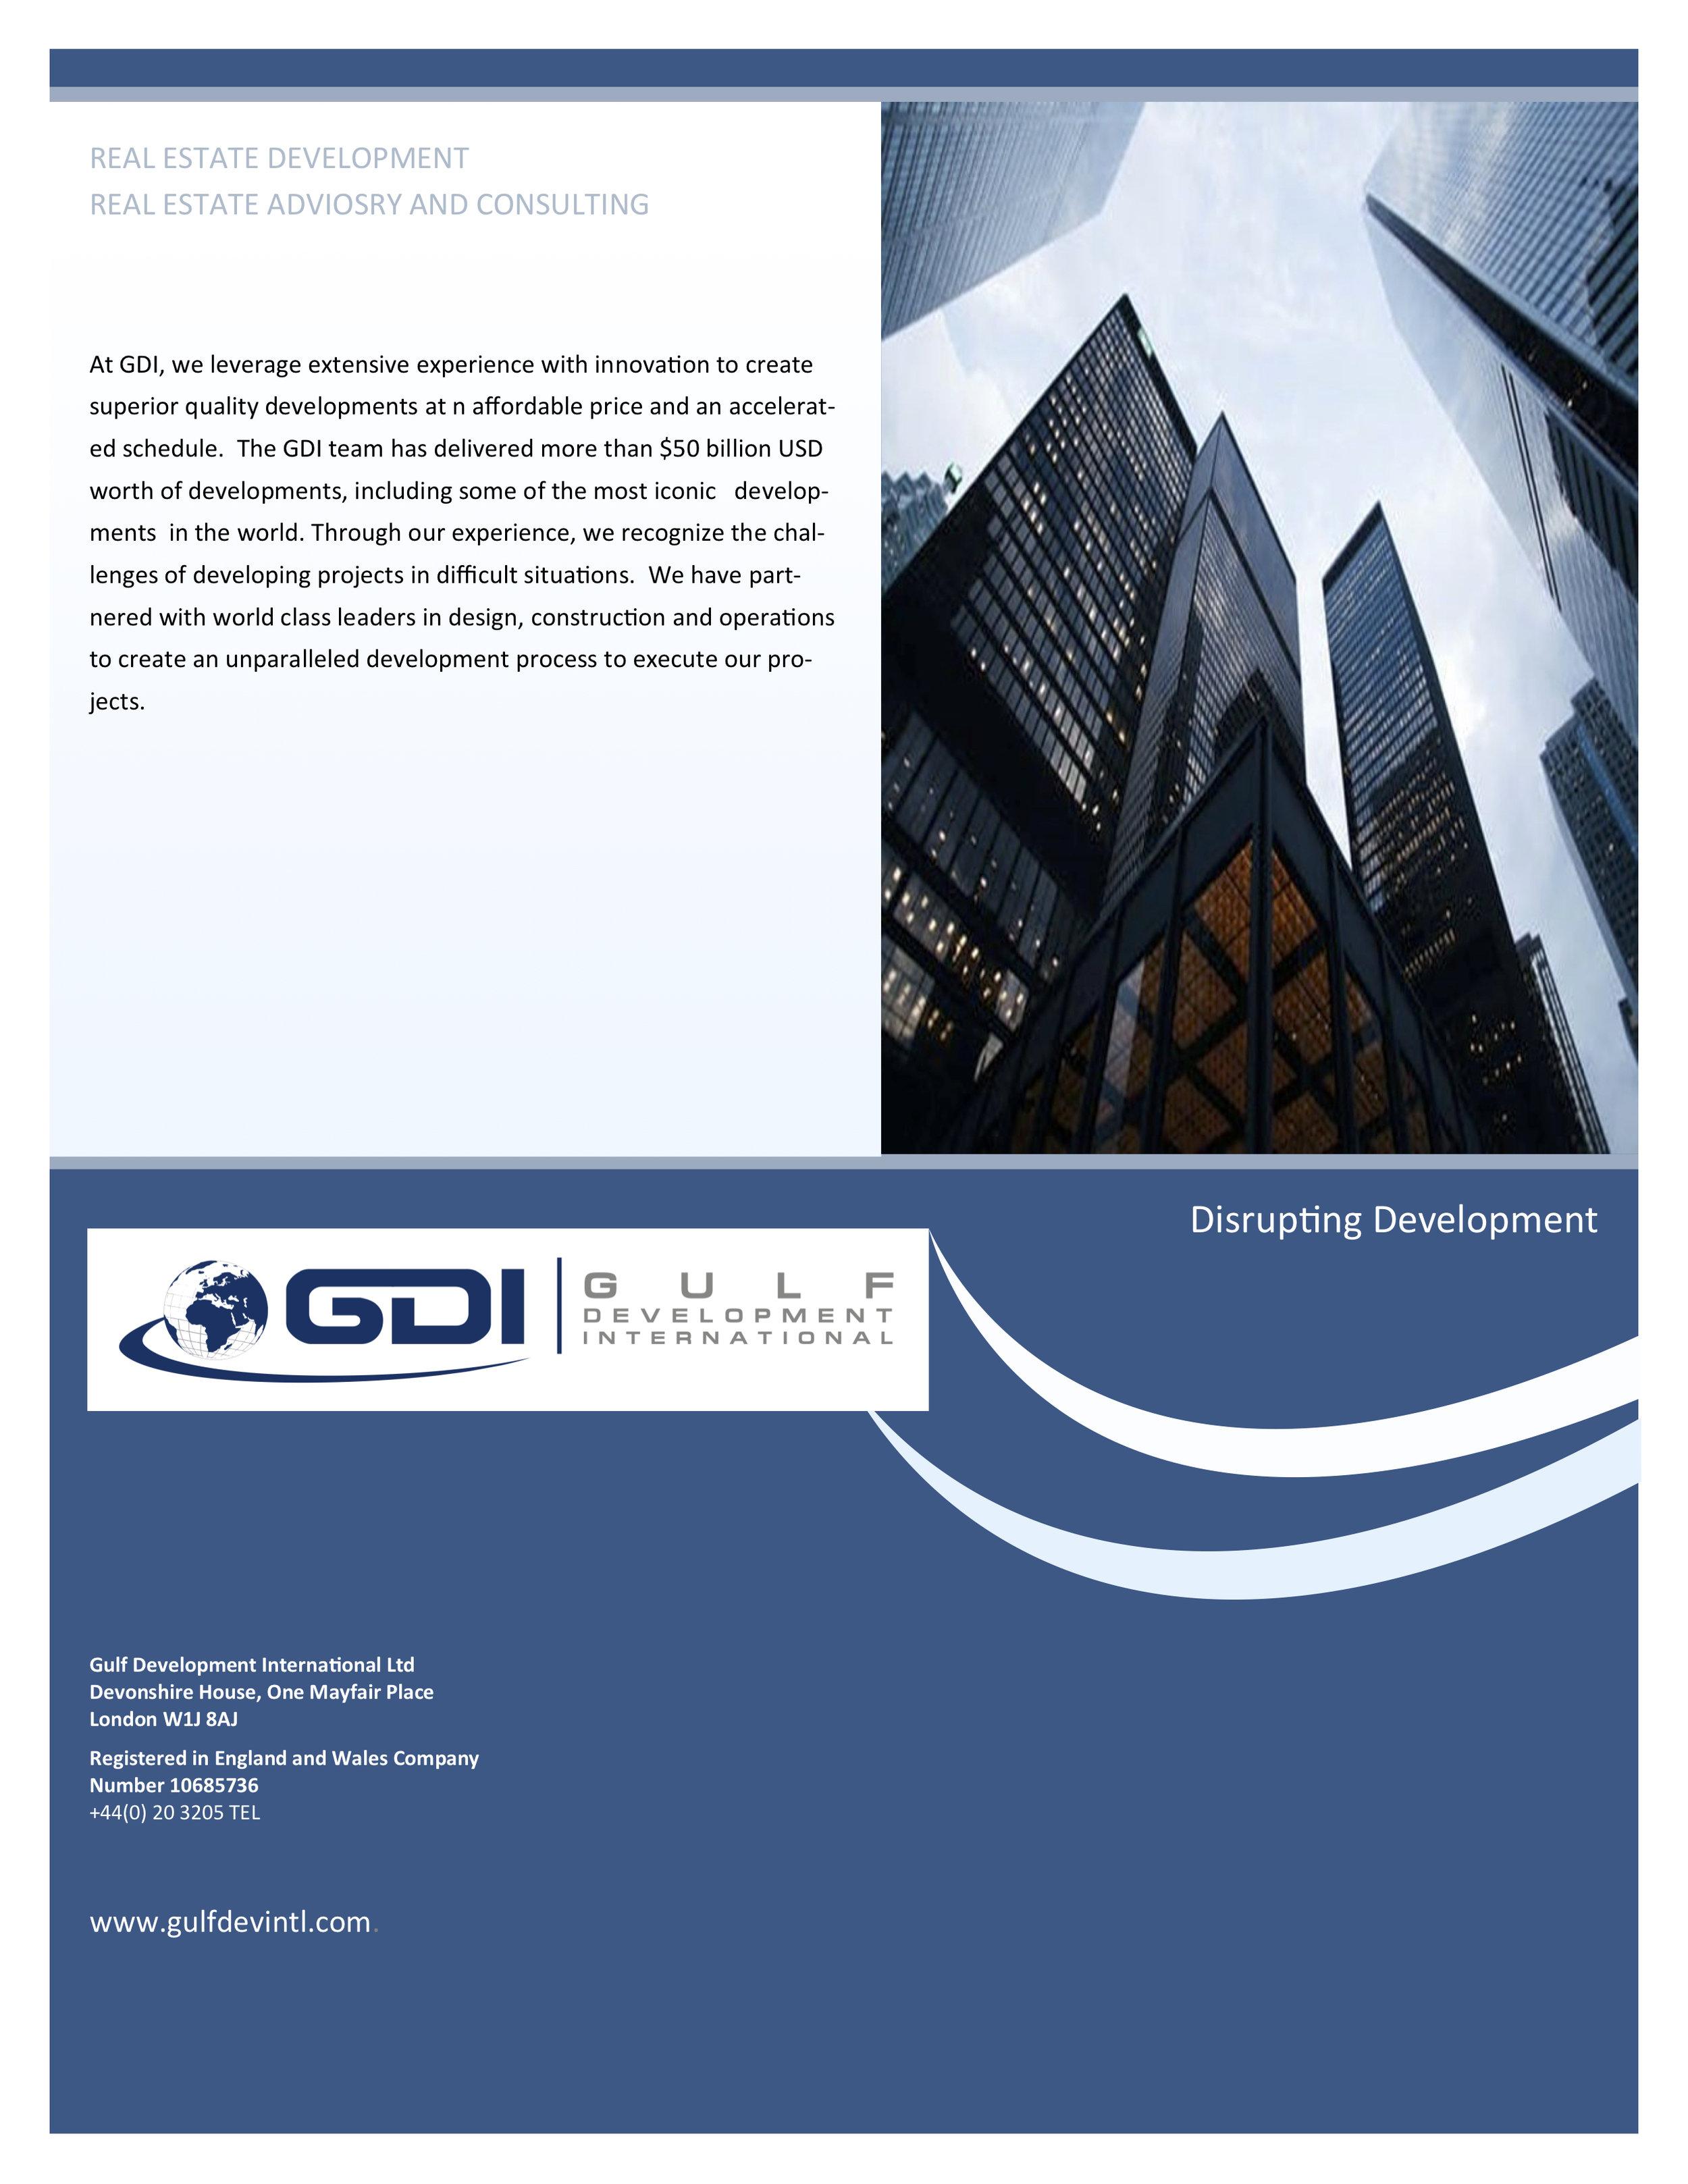 GDI_GeneralBrochureV002-4.jpg